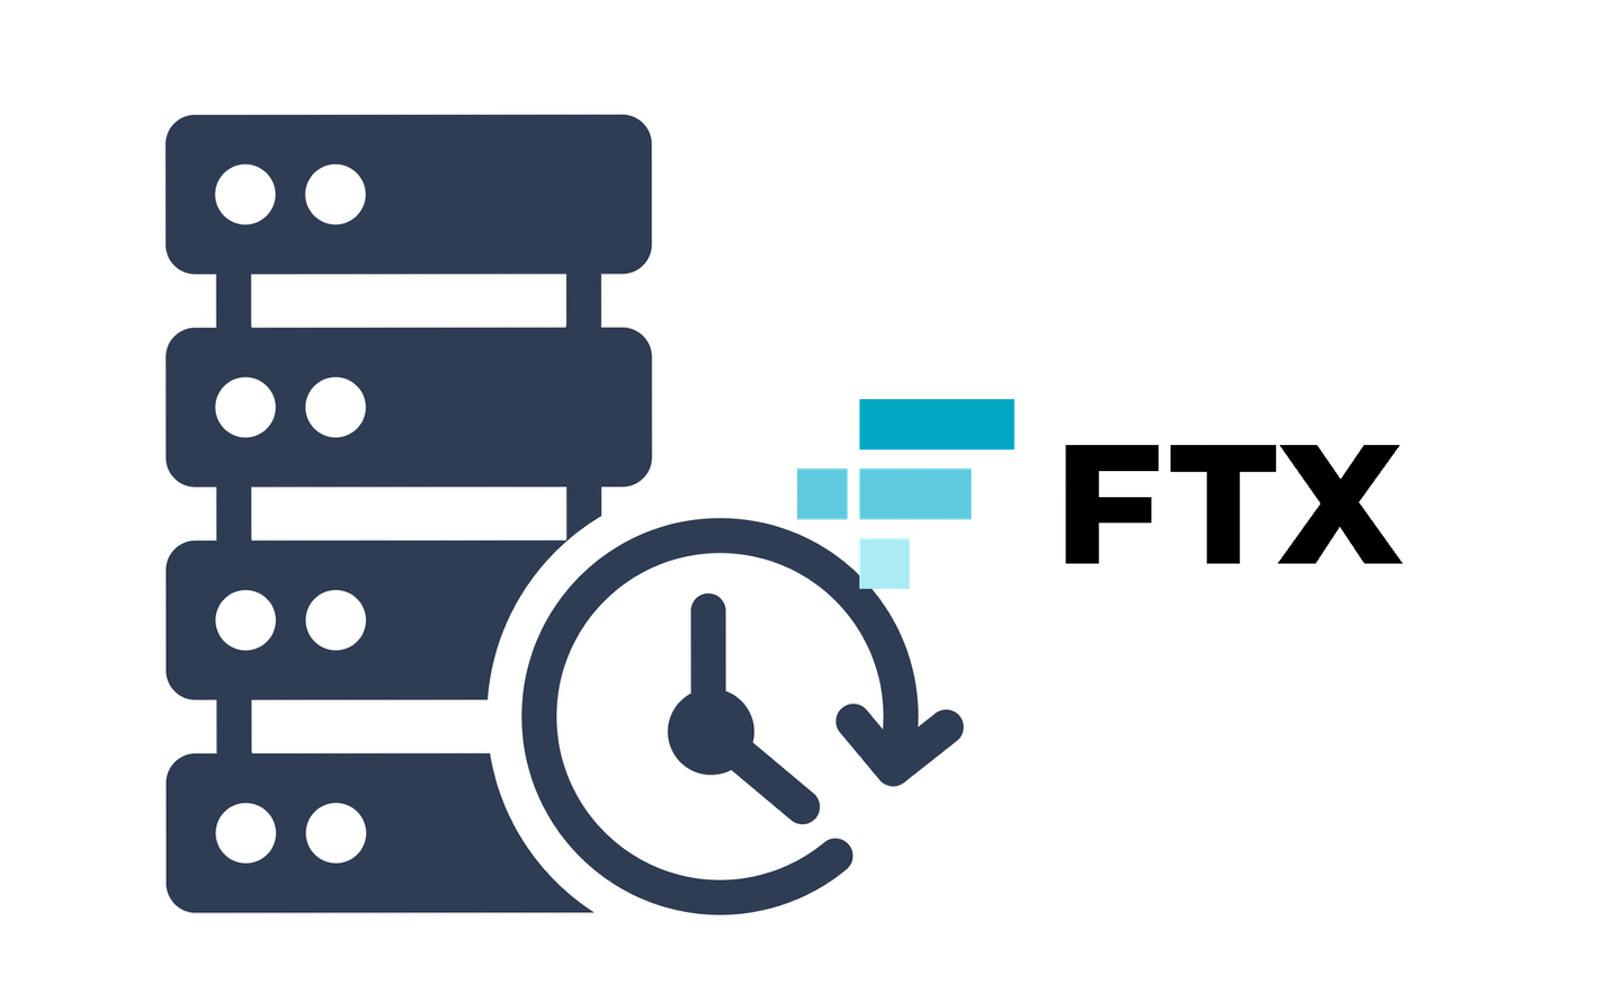 FTXでビットコインの自動積立!|1時間ごとに積み立てる方法を解説